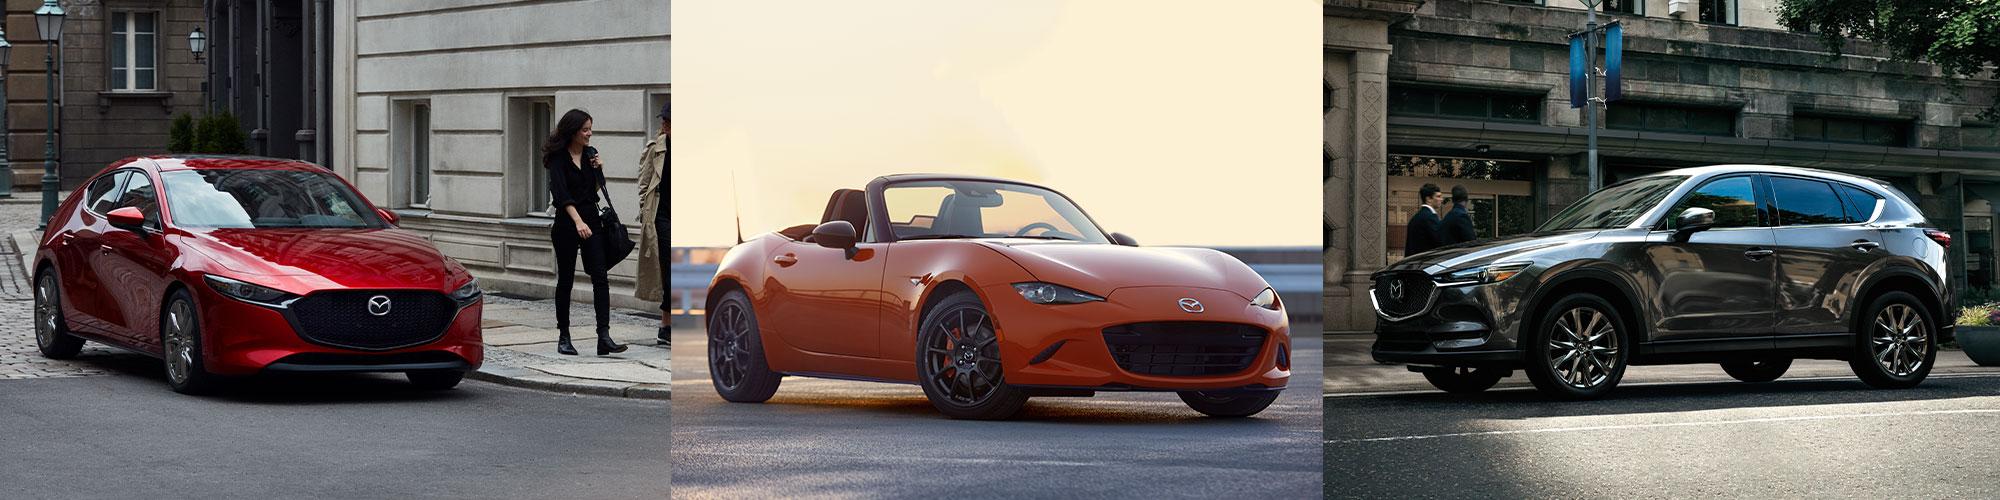 Mazda New Vehicle Warranty